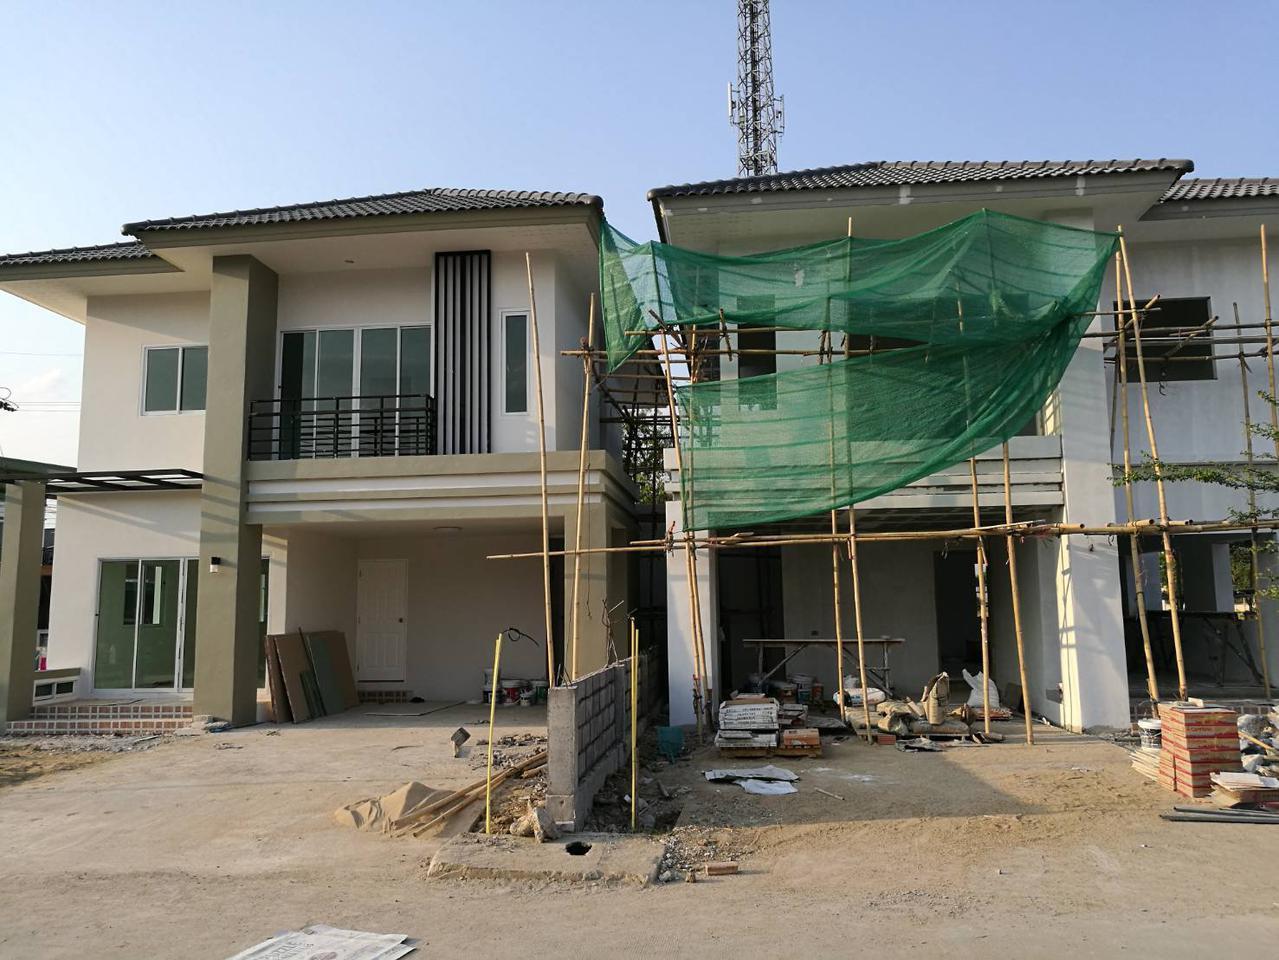 บ้านเดี่ยวเชียงใหม่ในหมู่บ้านบุรีทาน่า รูปที่ 5